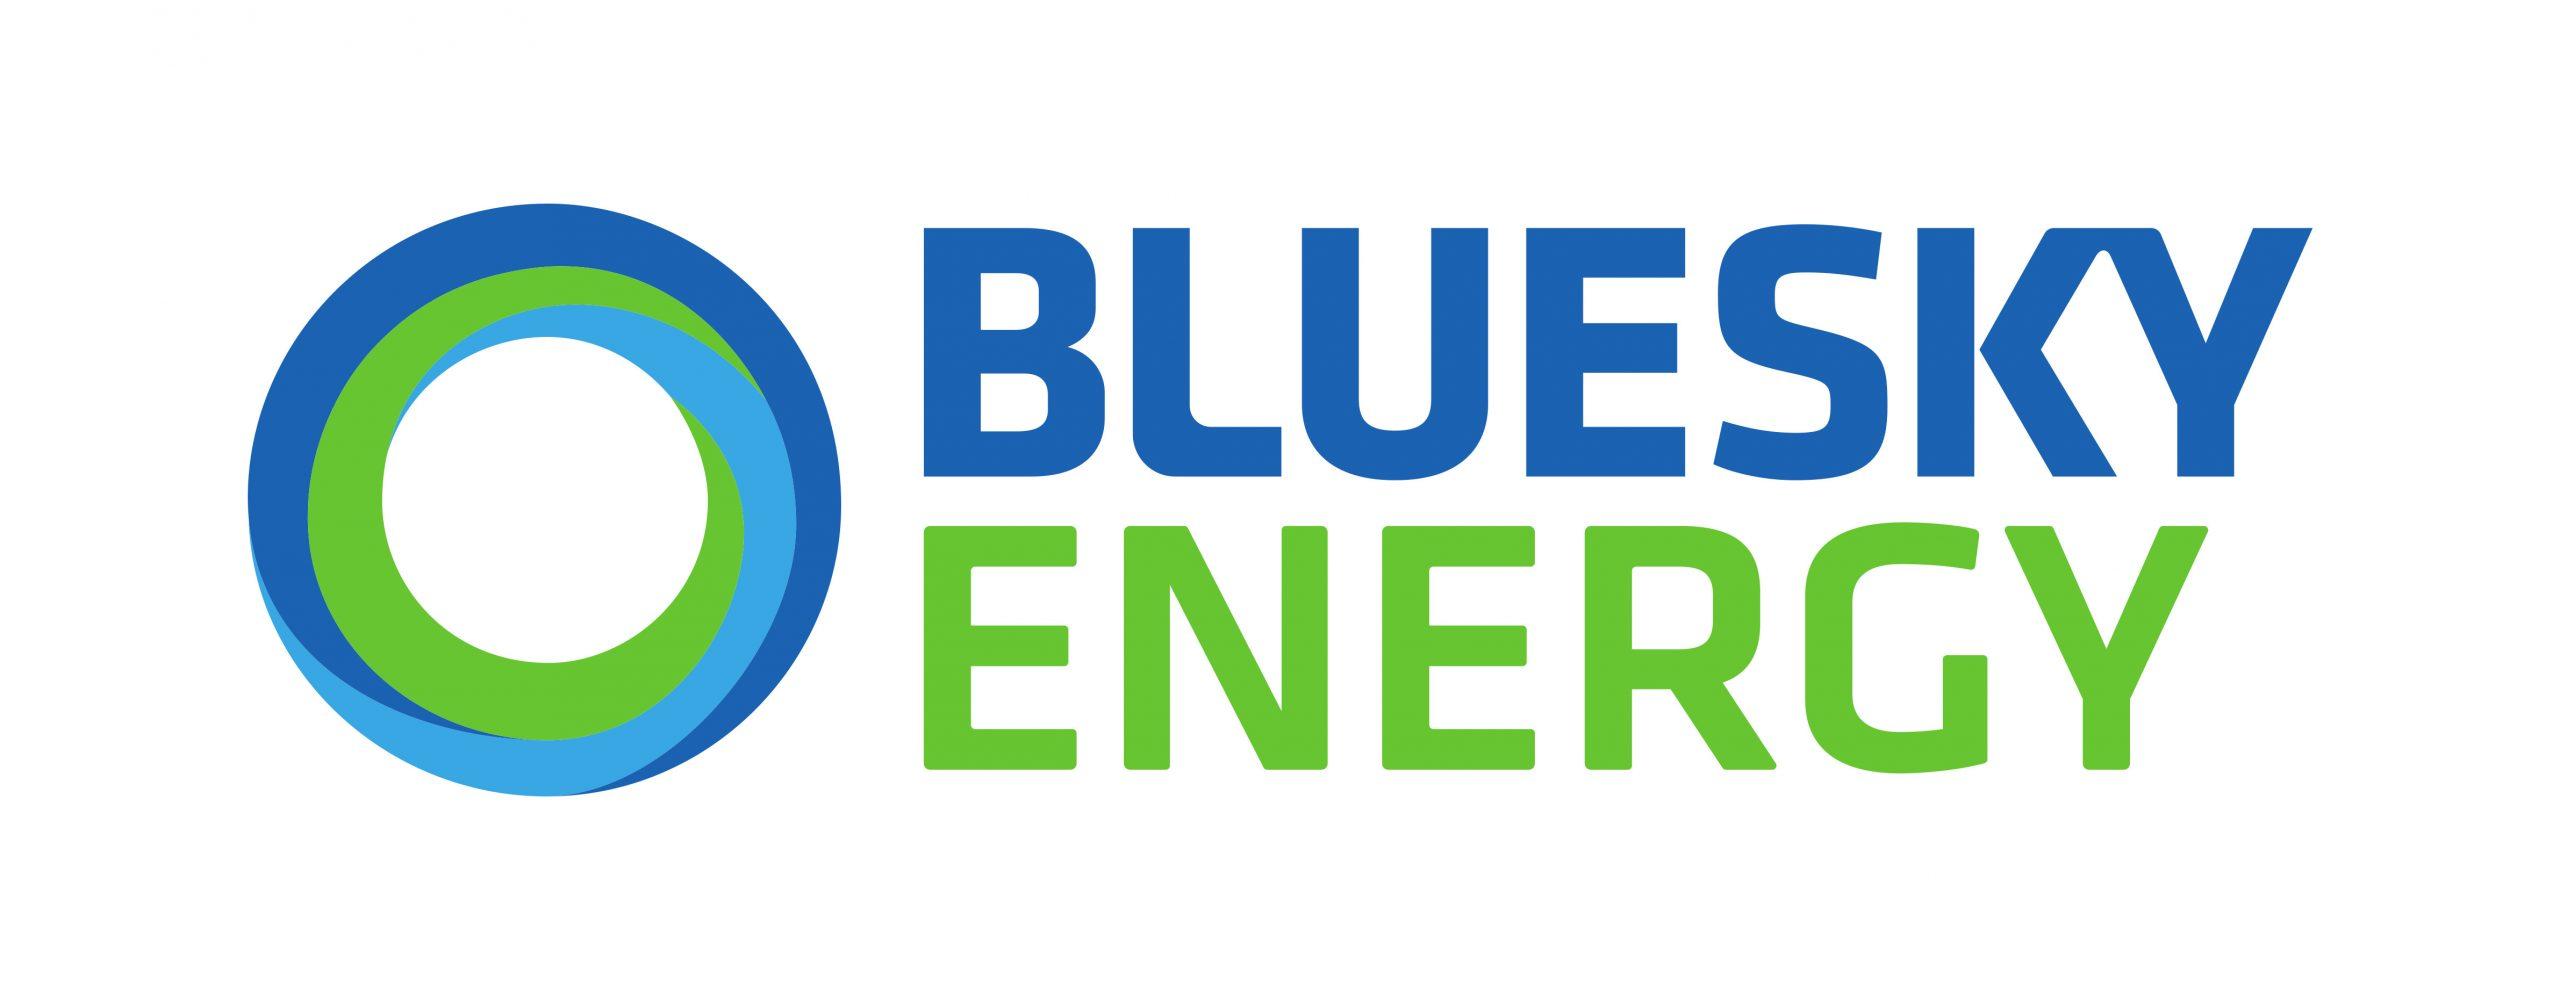 bluesky Energy 1 scaled